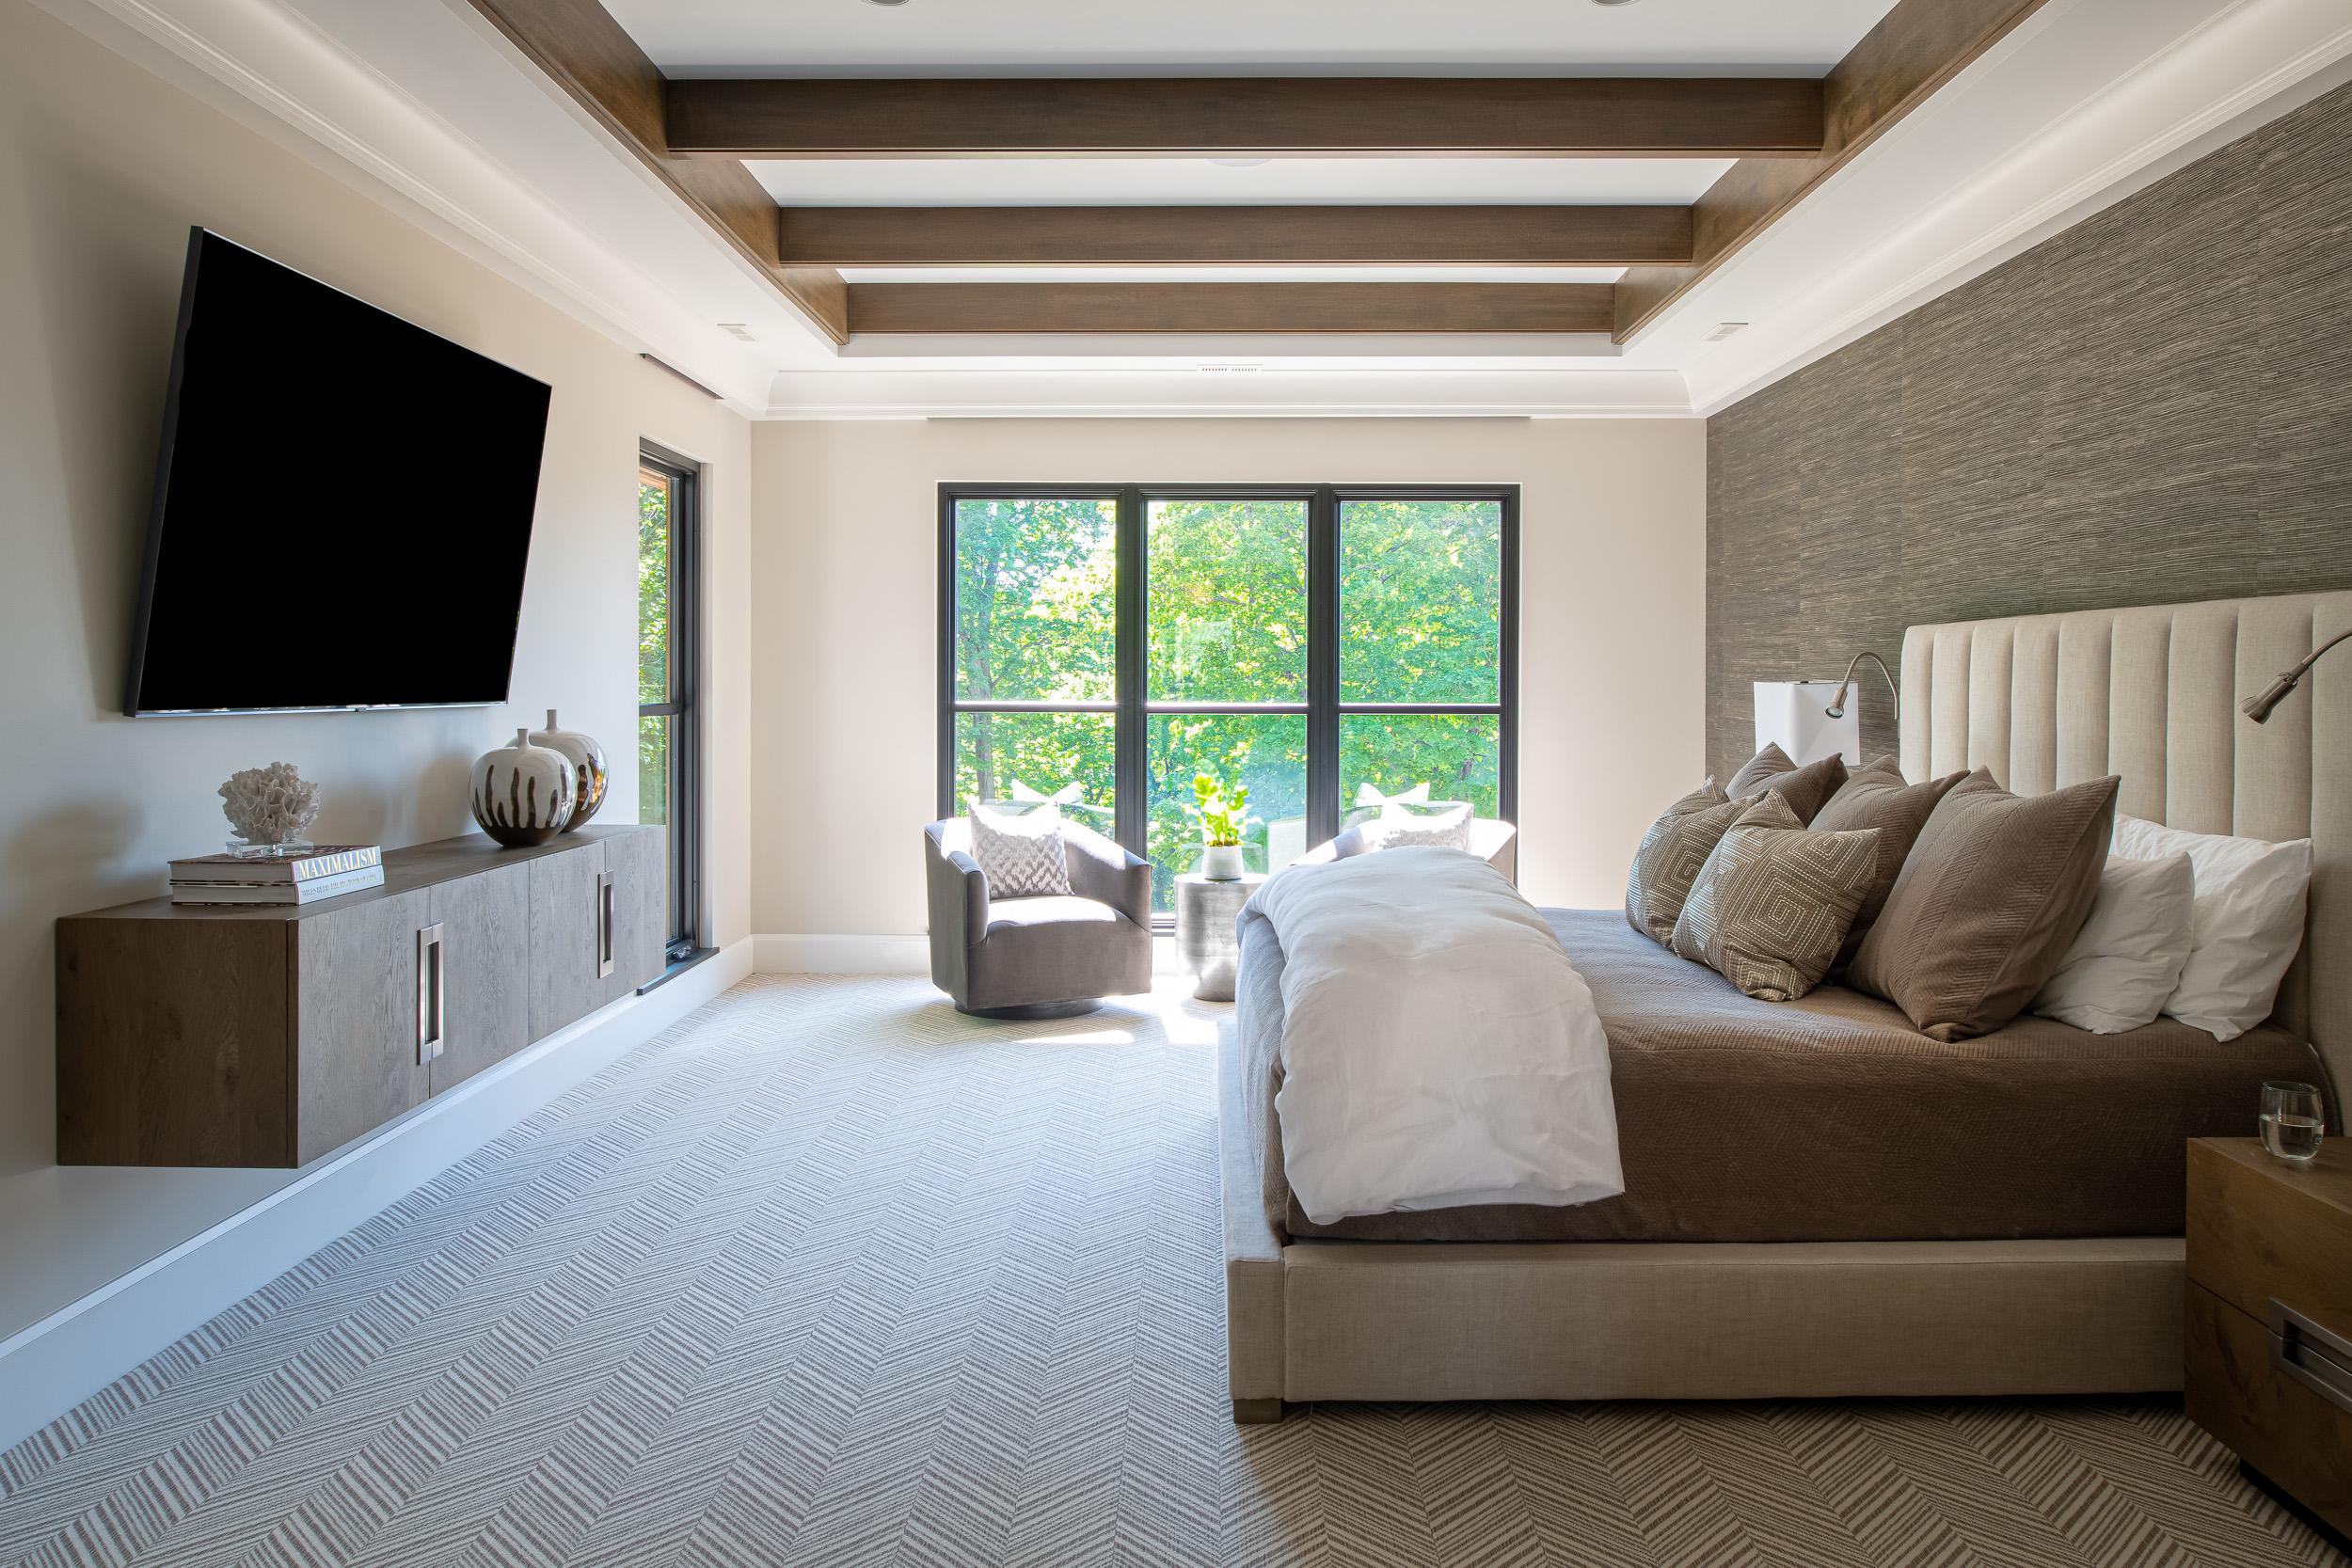 Modern Rustic - Owner's Suite